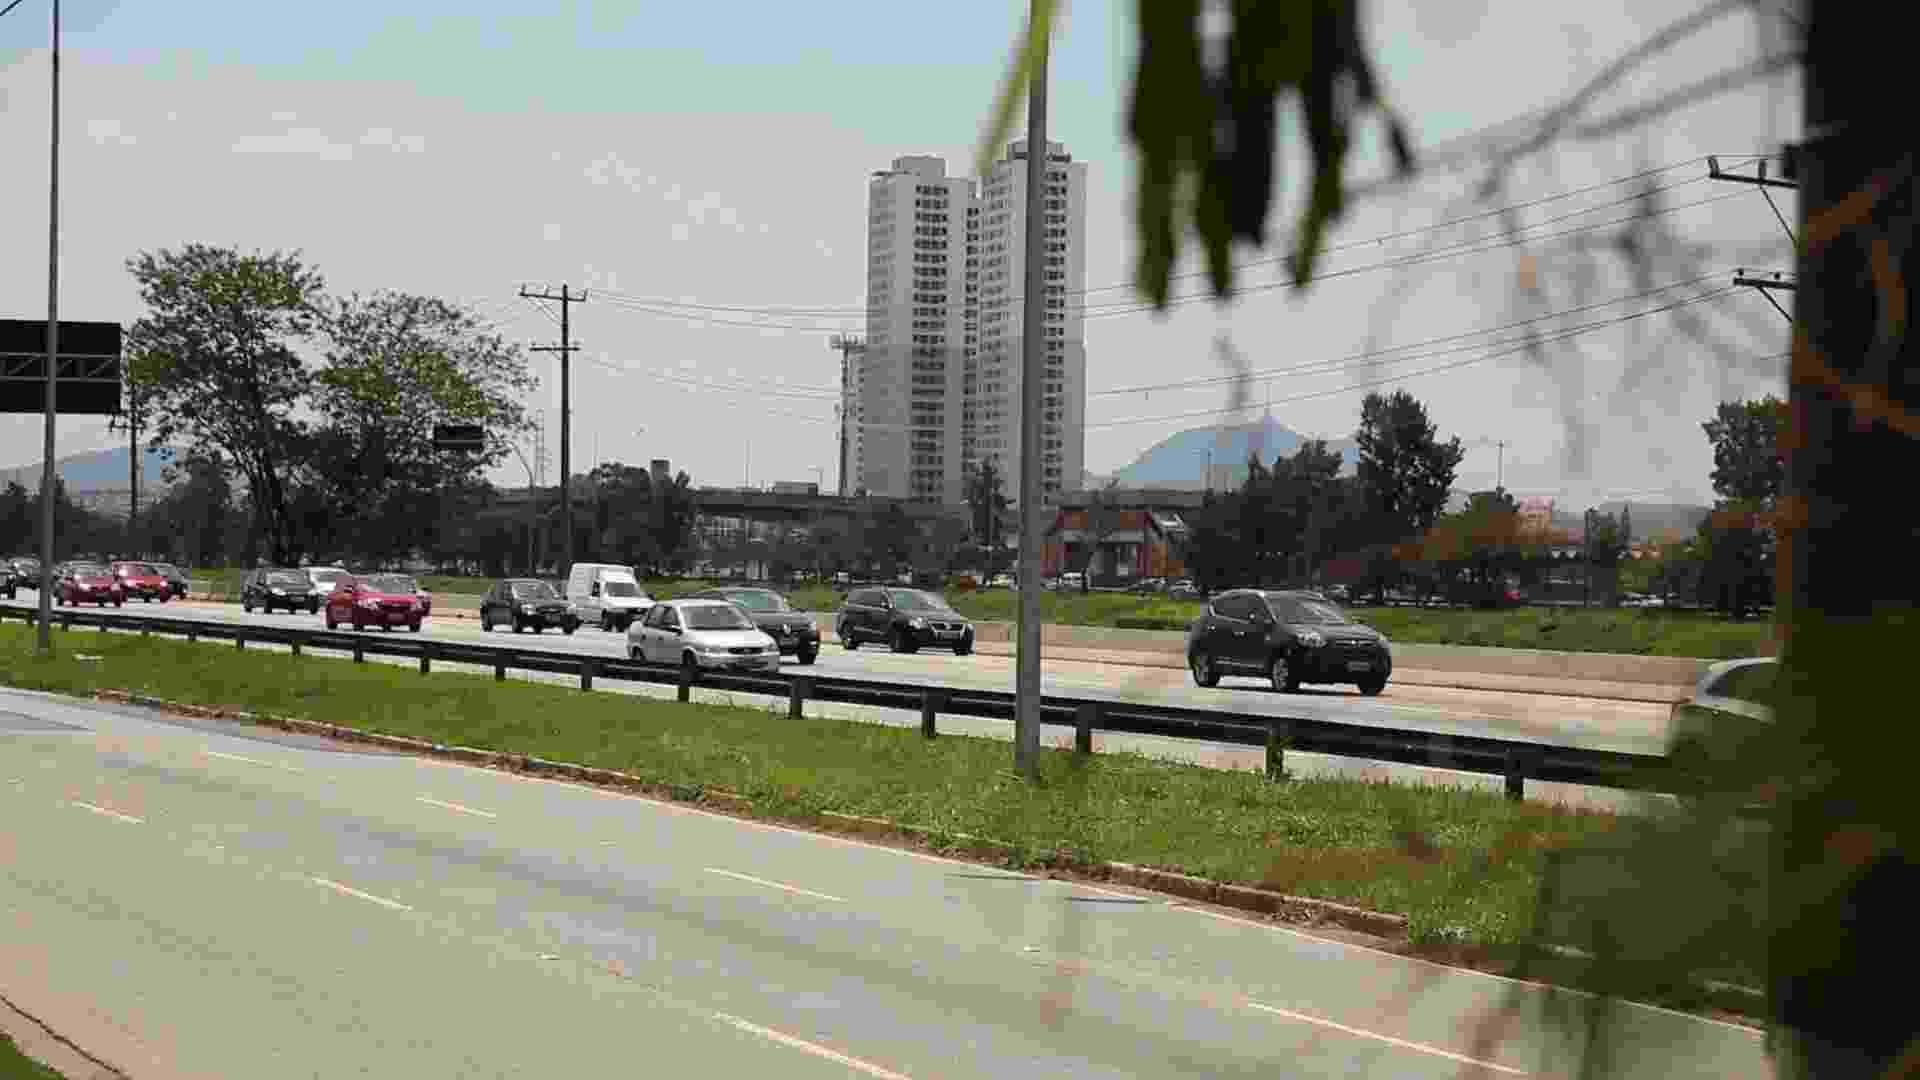 Pistas local e expressa da marginal Pinheiros, em São Paulo. O prefeito eleito João Doria (PSDB) promete elevar os limites de velocidade nas marginais - undefined